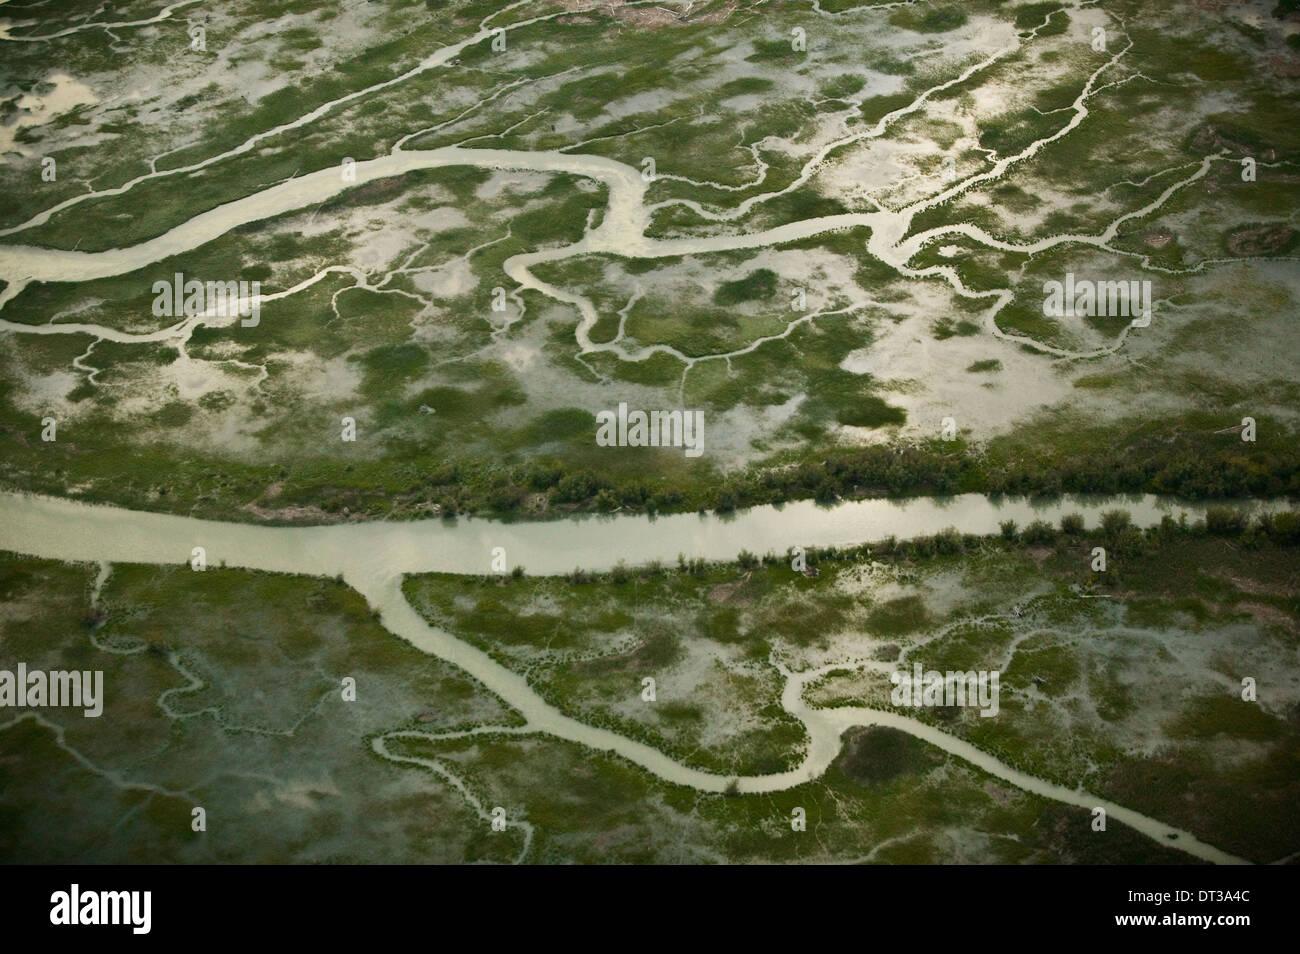 Vue aérienne du delta du fleuve Fraser, Colombie-Britannique, Canada Photo Stock